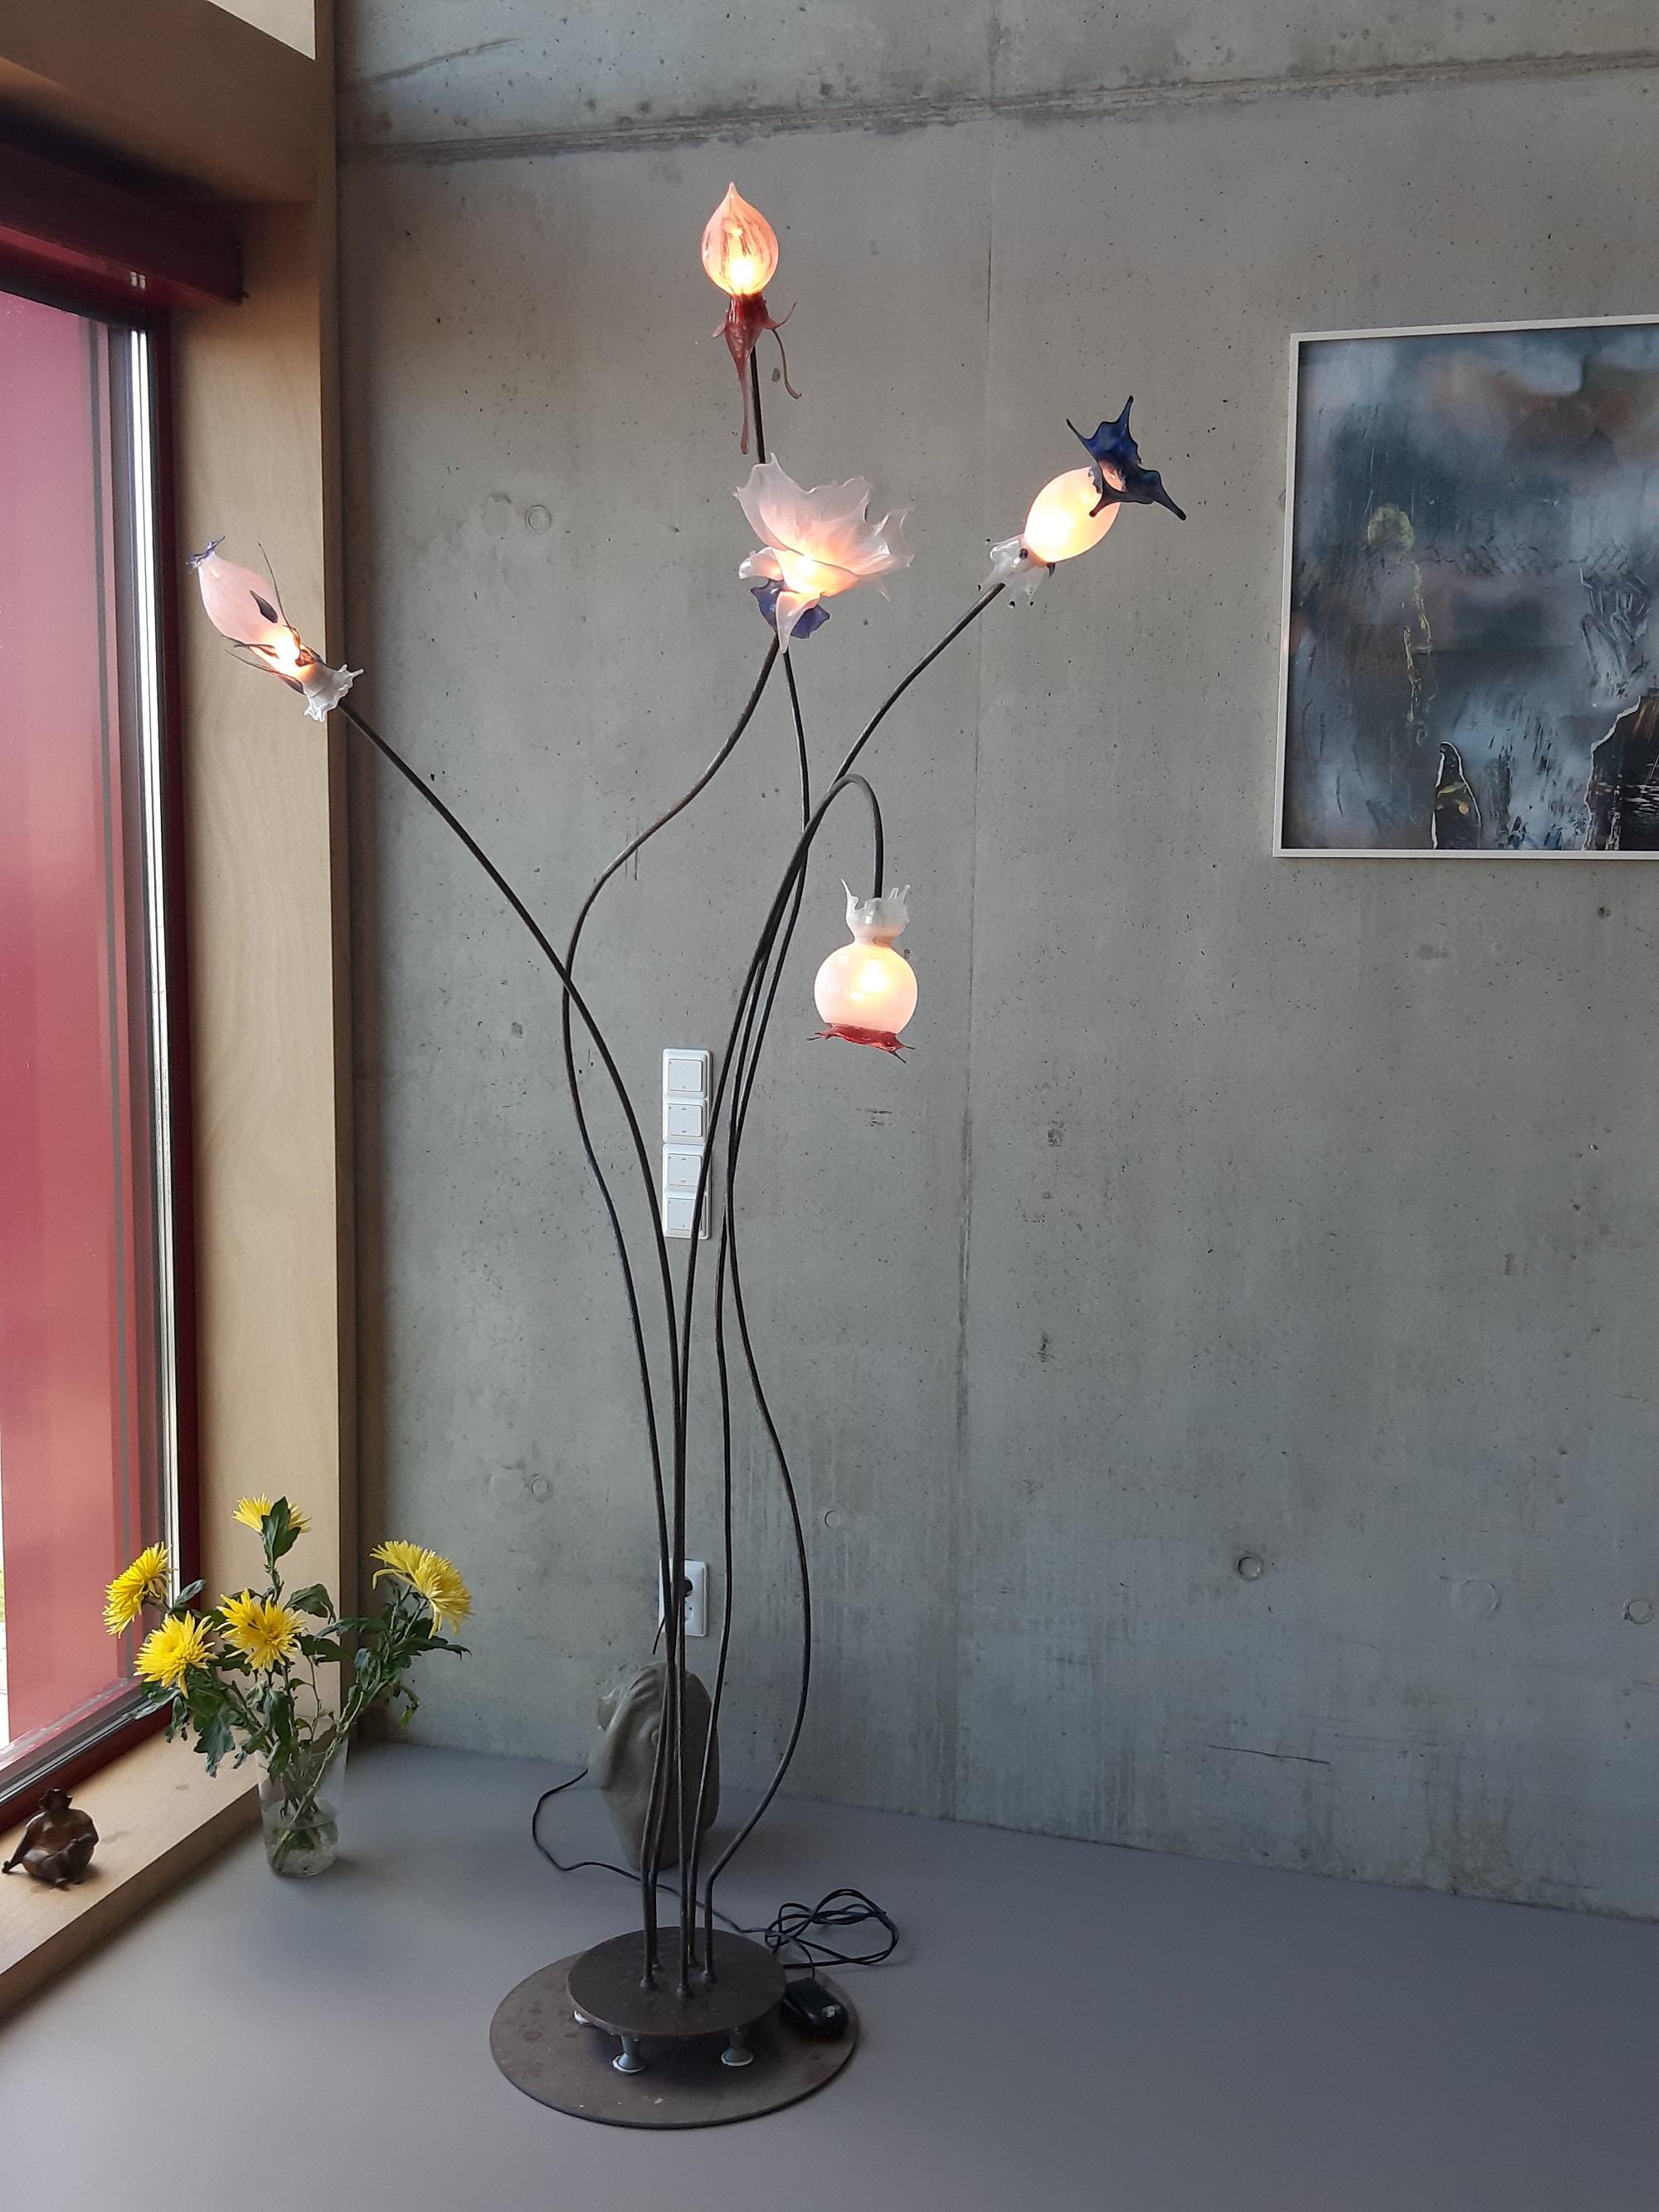 staande lamp glasblazer miranda van der waal